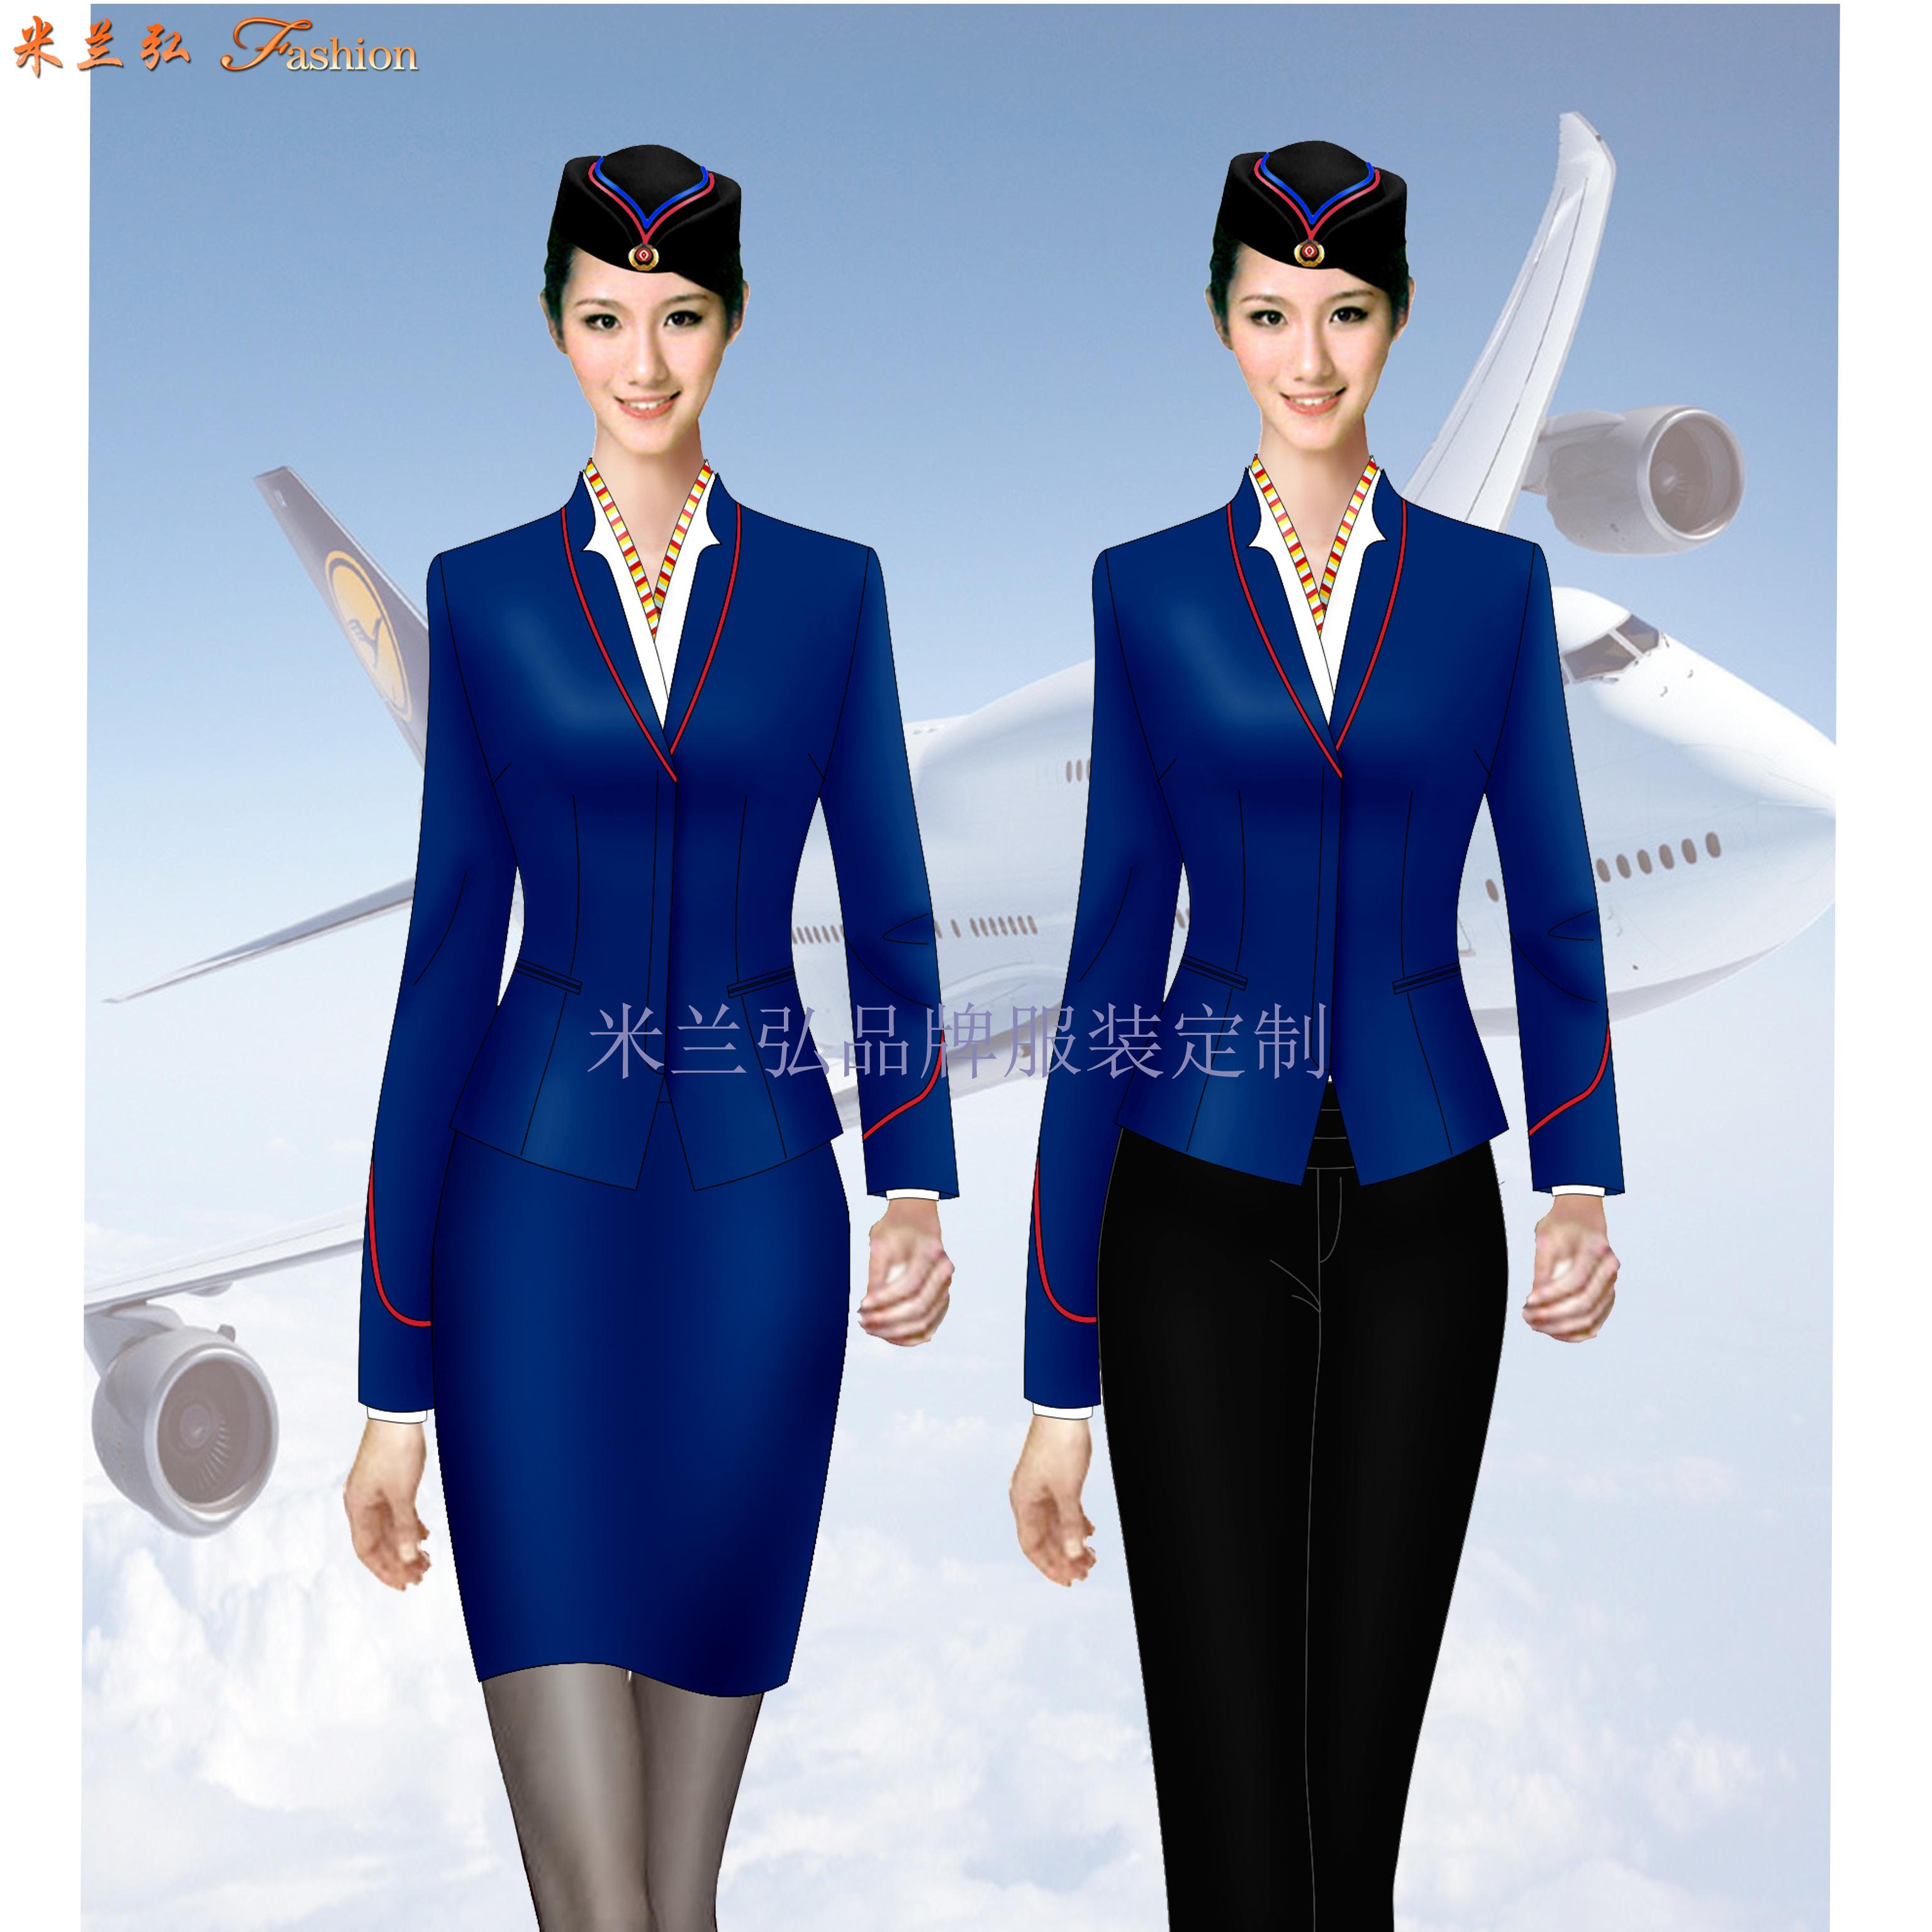 「北京空姐服定制」航空公司空姐服新款套裝圖片_價格_廠家-3